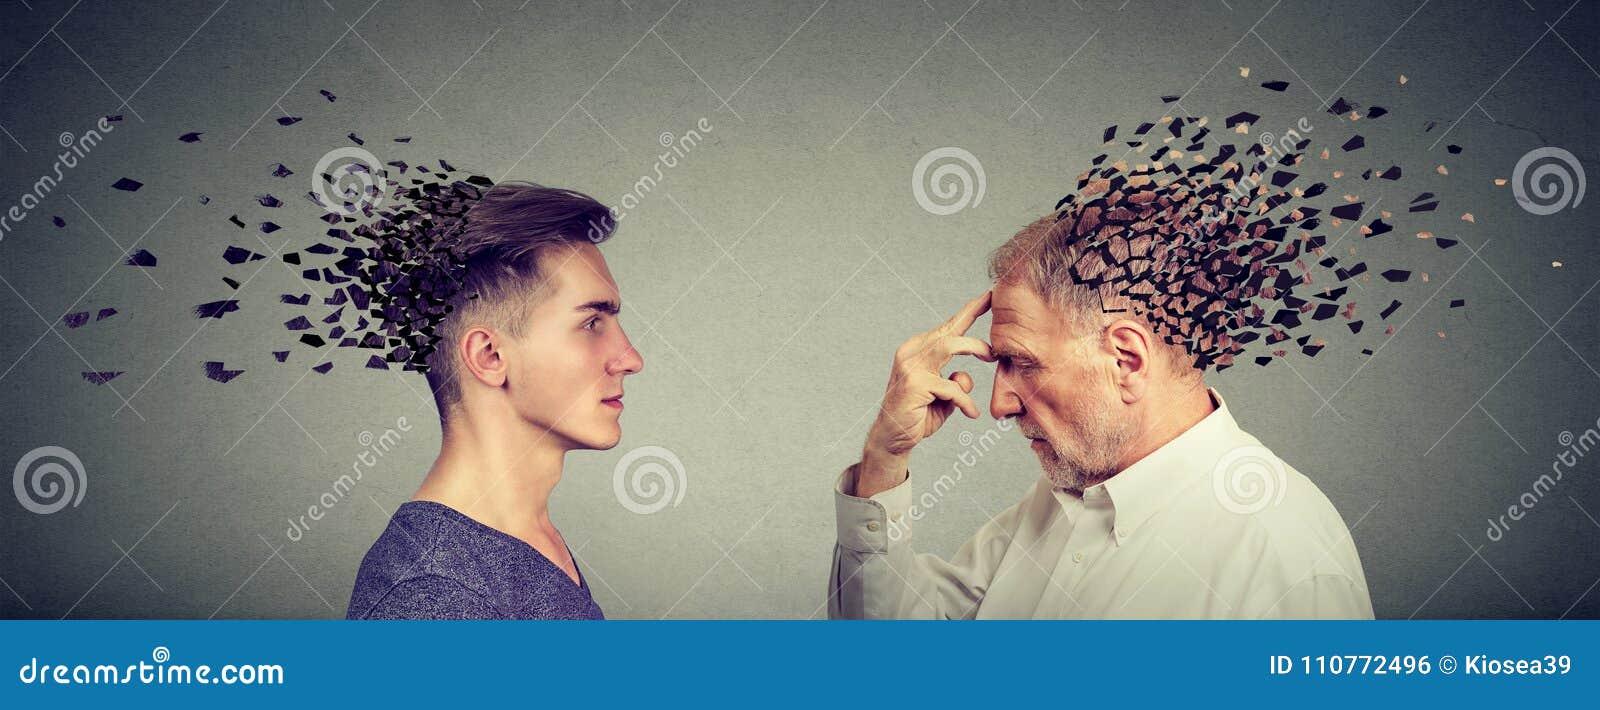 记忆损失由于老年痴呆或脑损伤